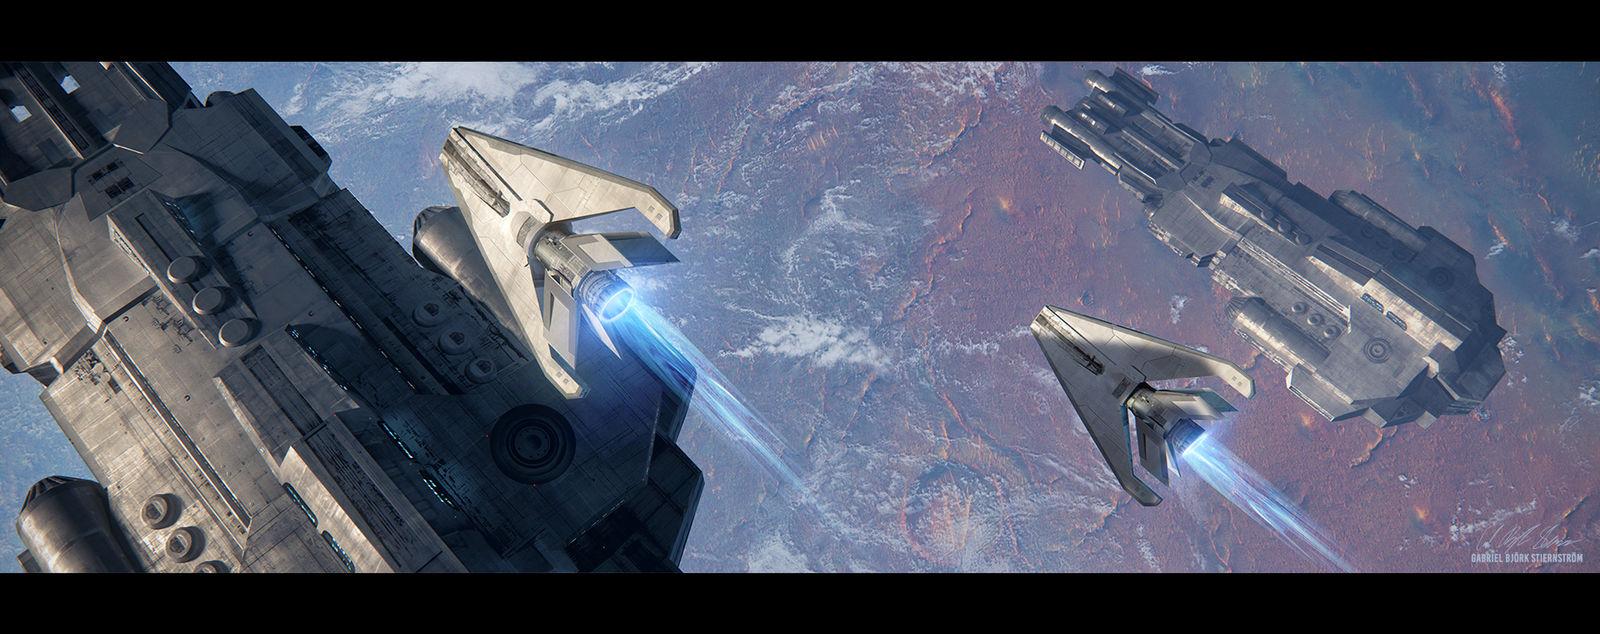 Hades' Star - Drones by GabrielBStiernstrom